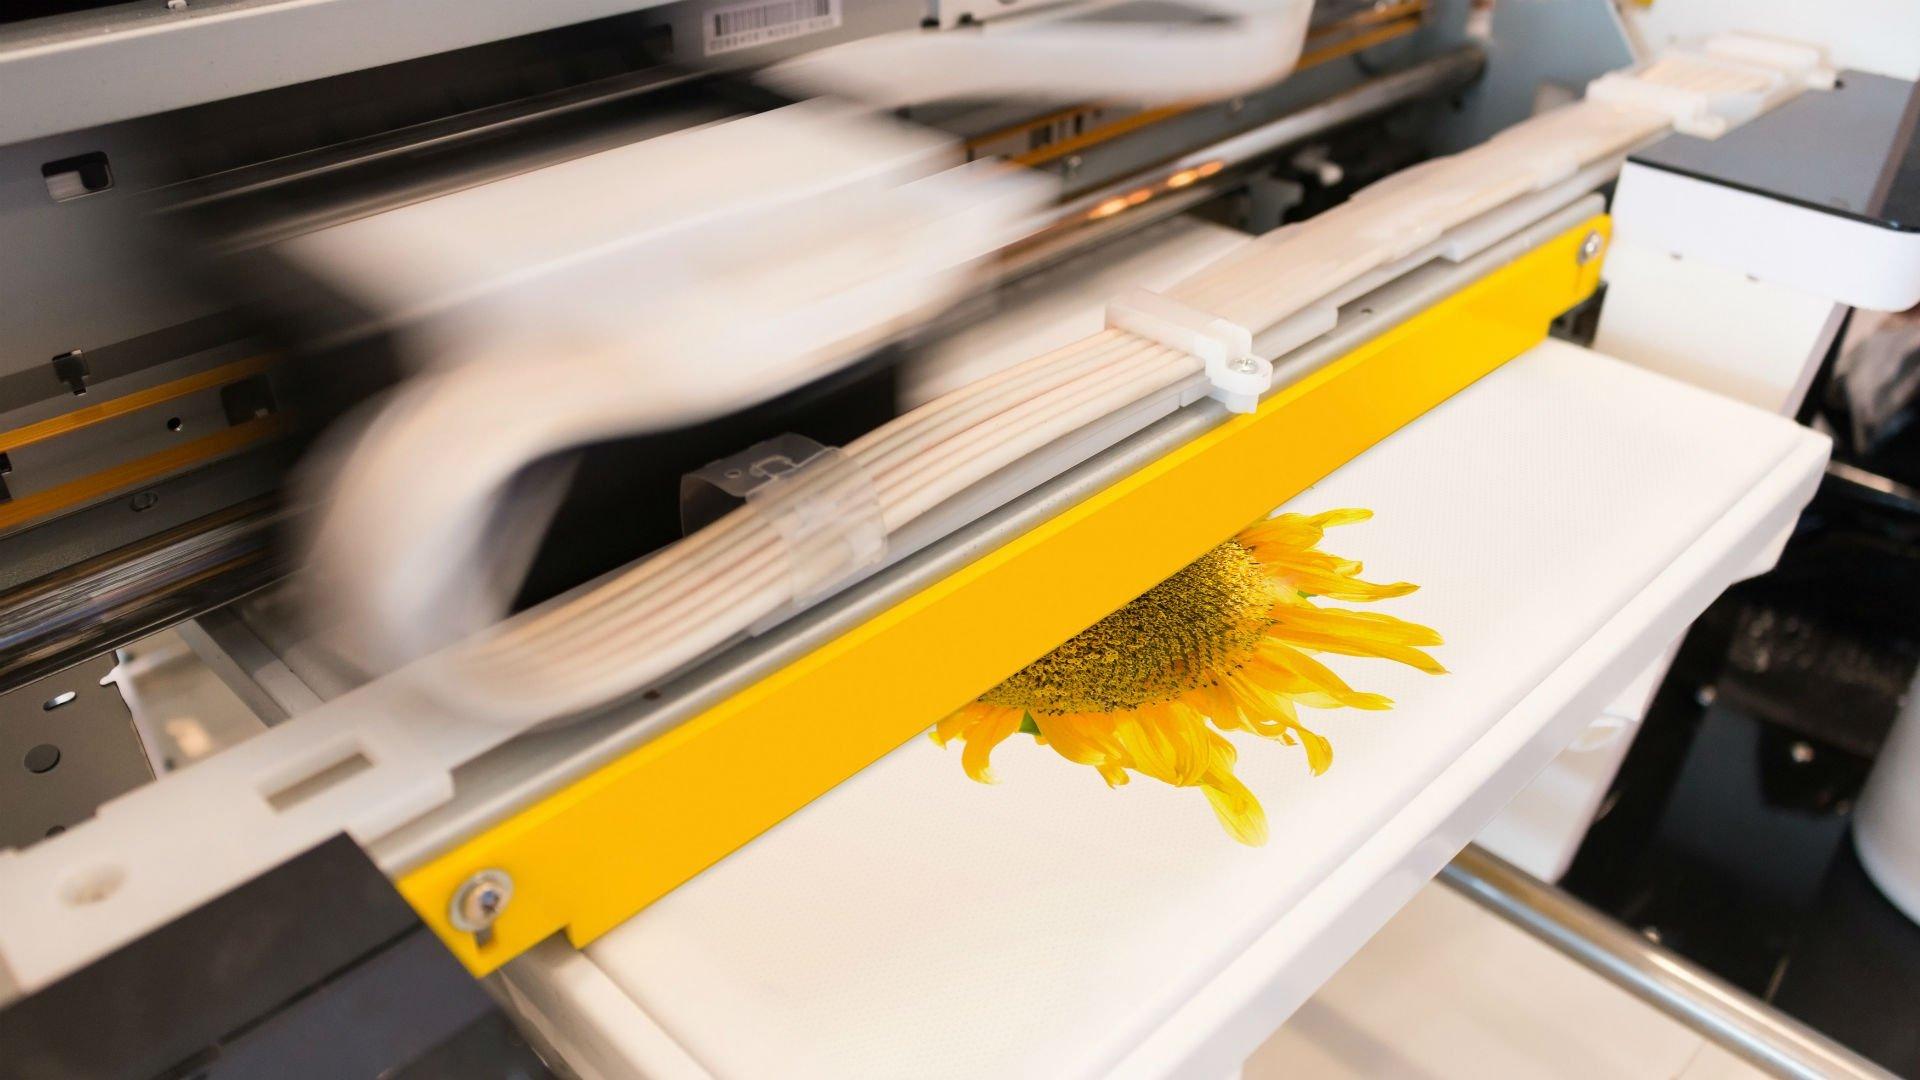 una stampante e un foglio stampato con un girasole